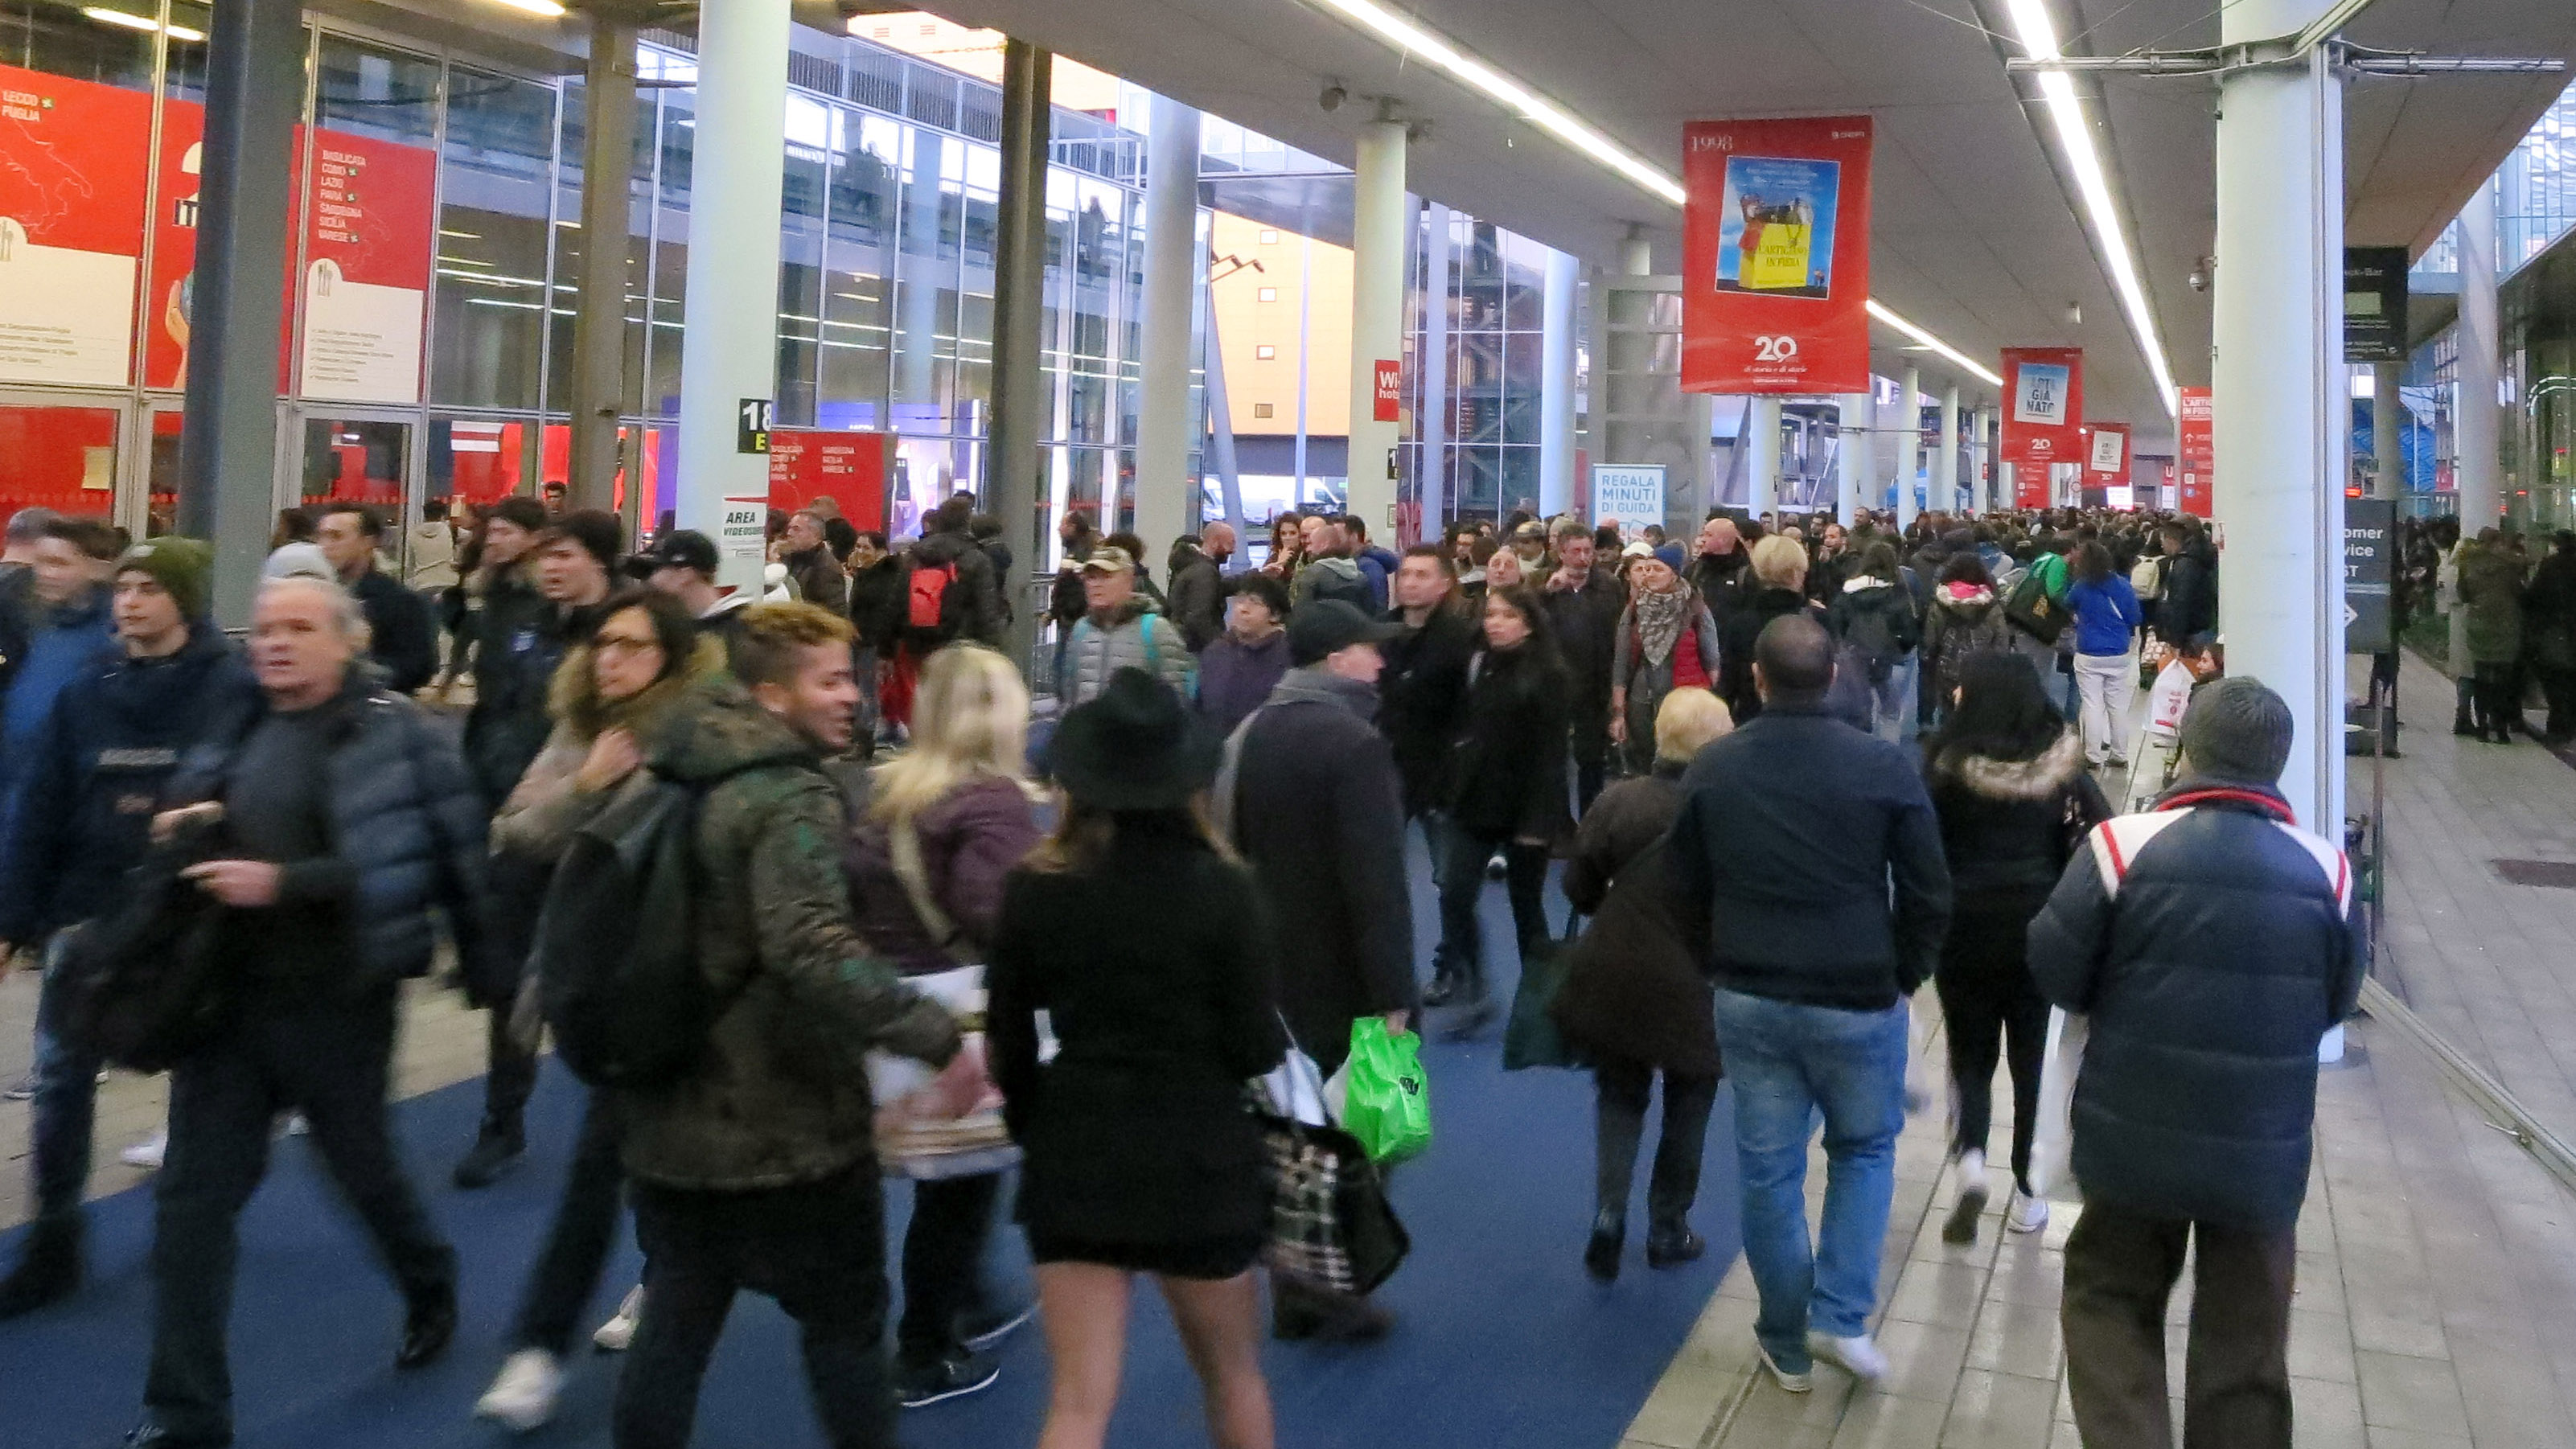 Crowd - L'Artigiano in Fiera: Exhibition and Fair in Milan